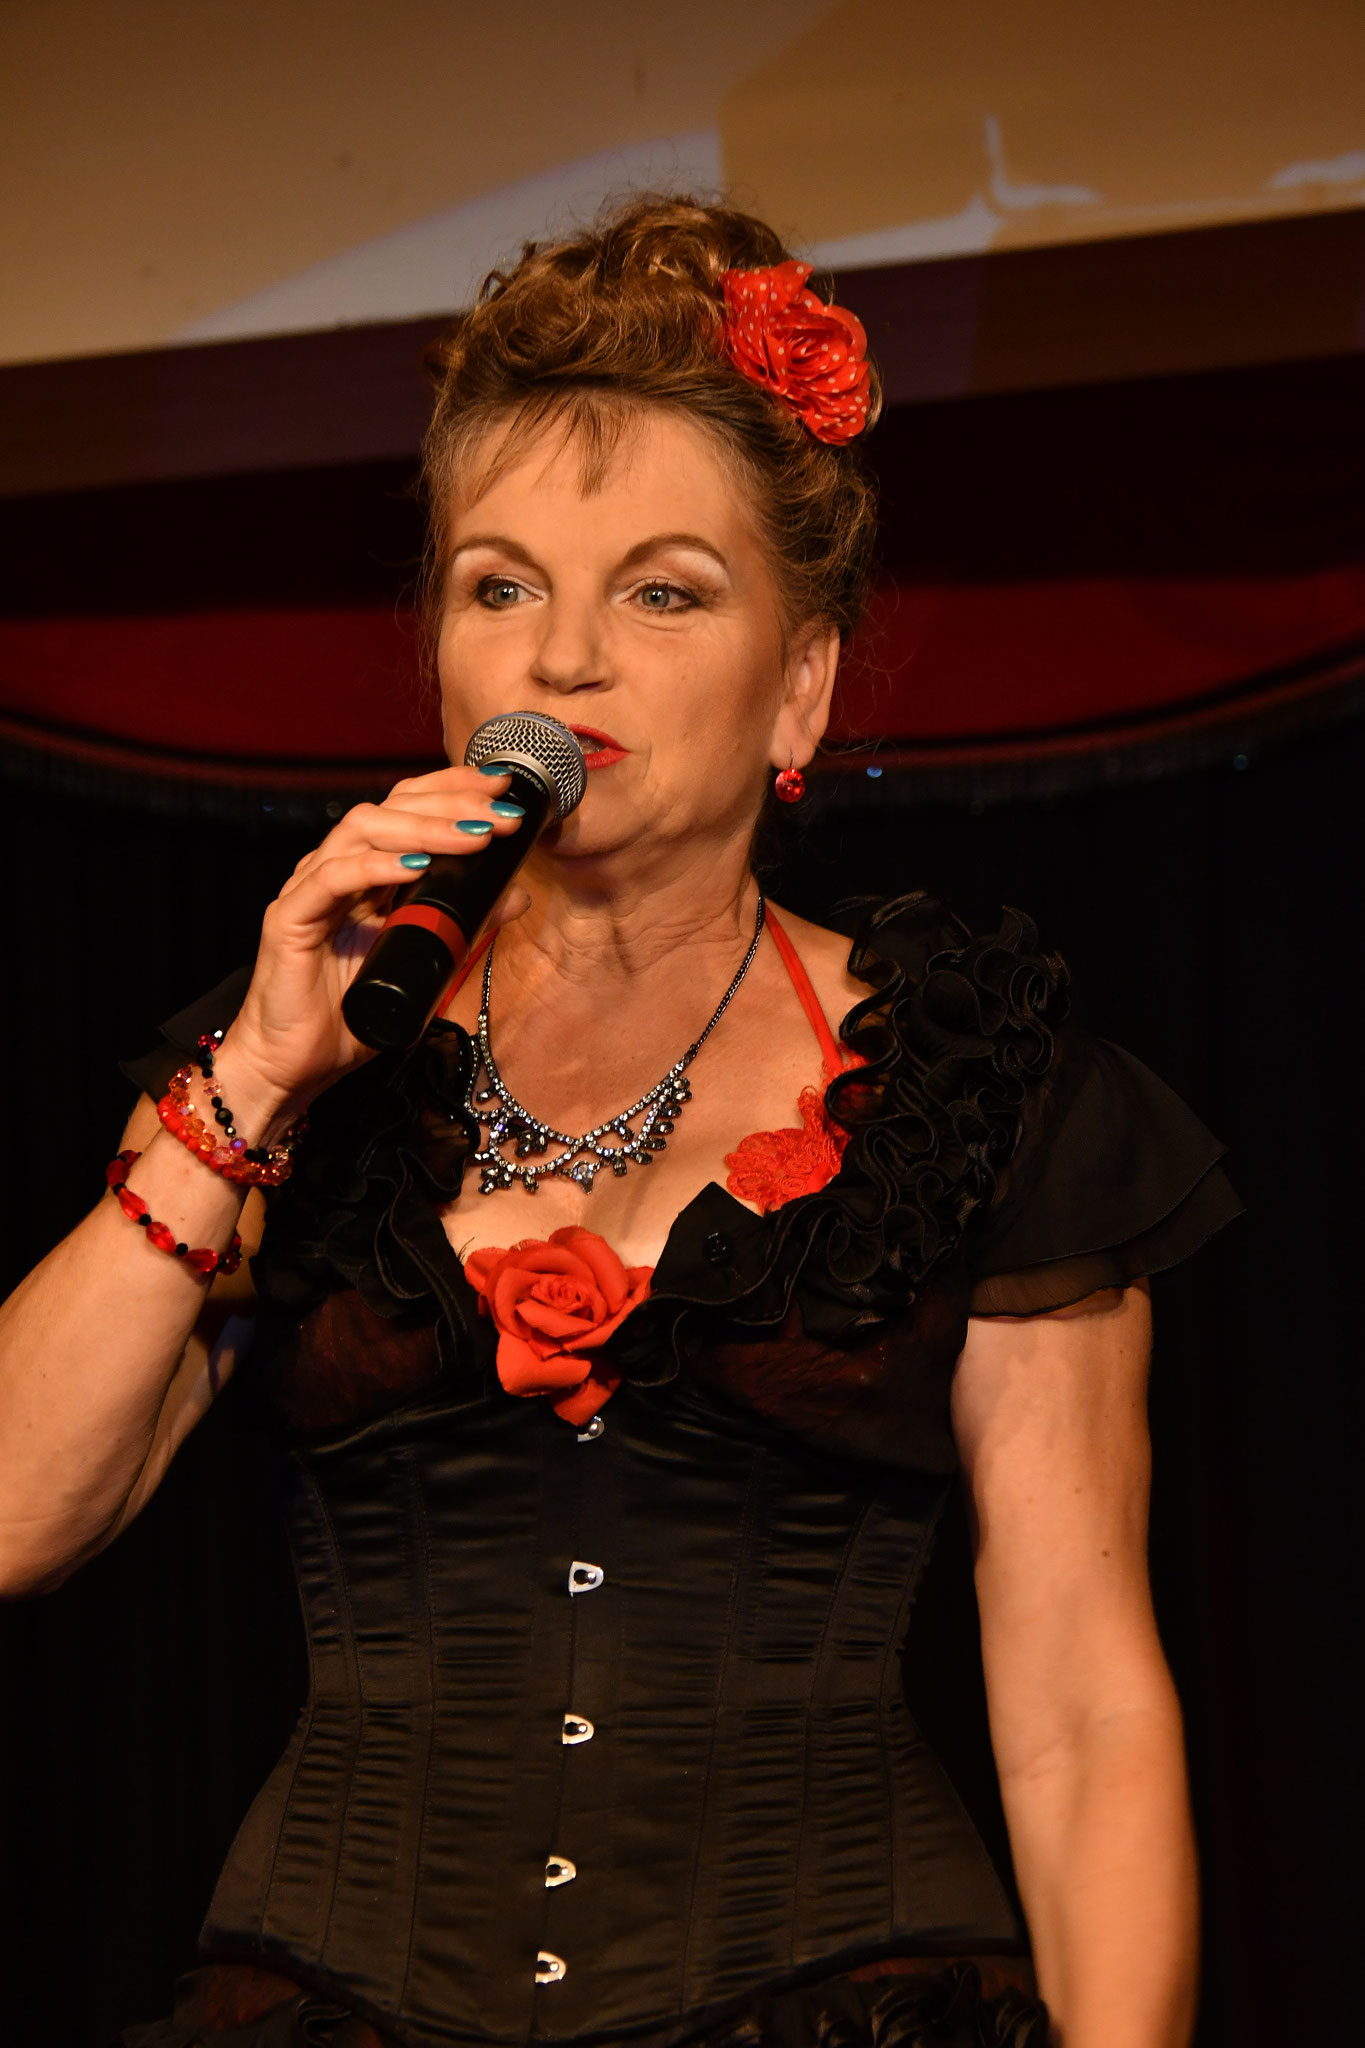 Julia Kempken die Chefin des Hauses moderiert, wie immer gekonnt, durch den Abend